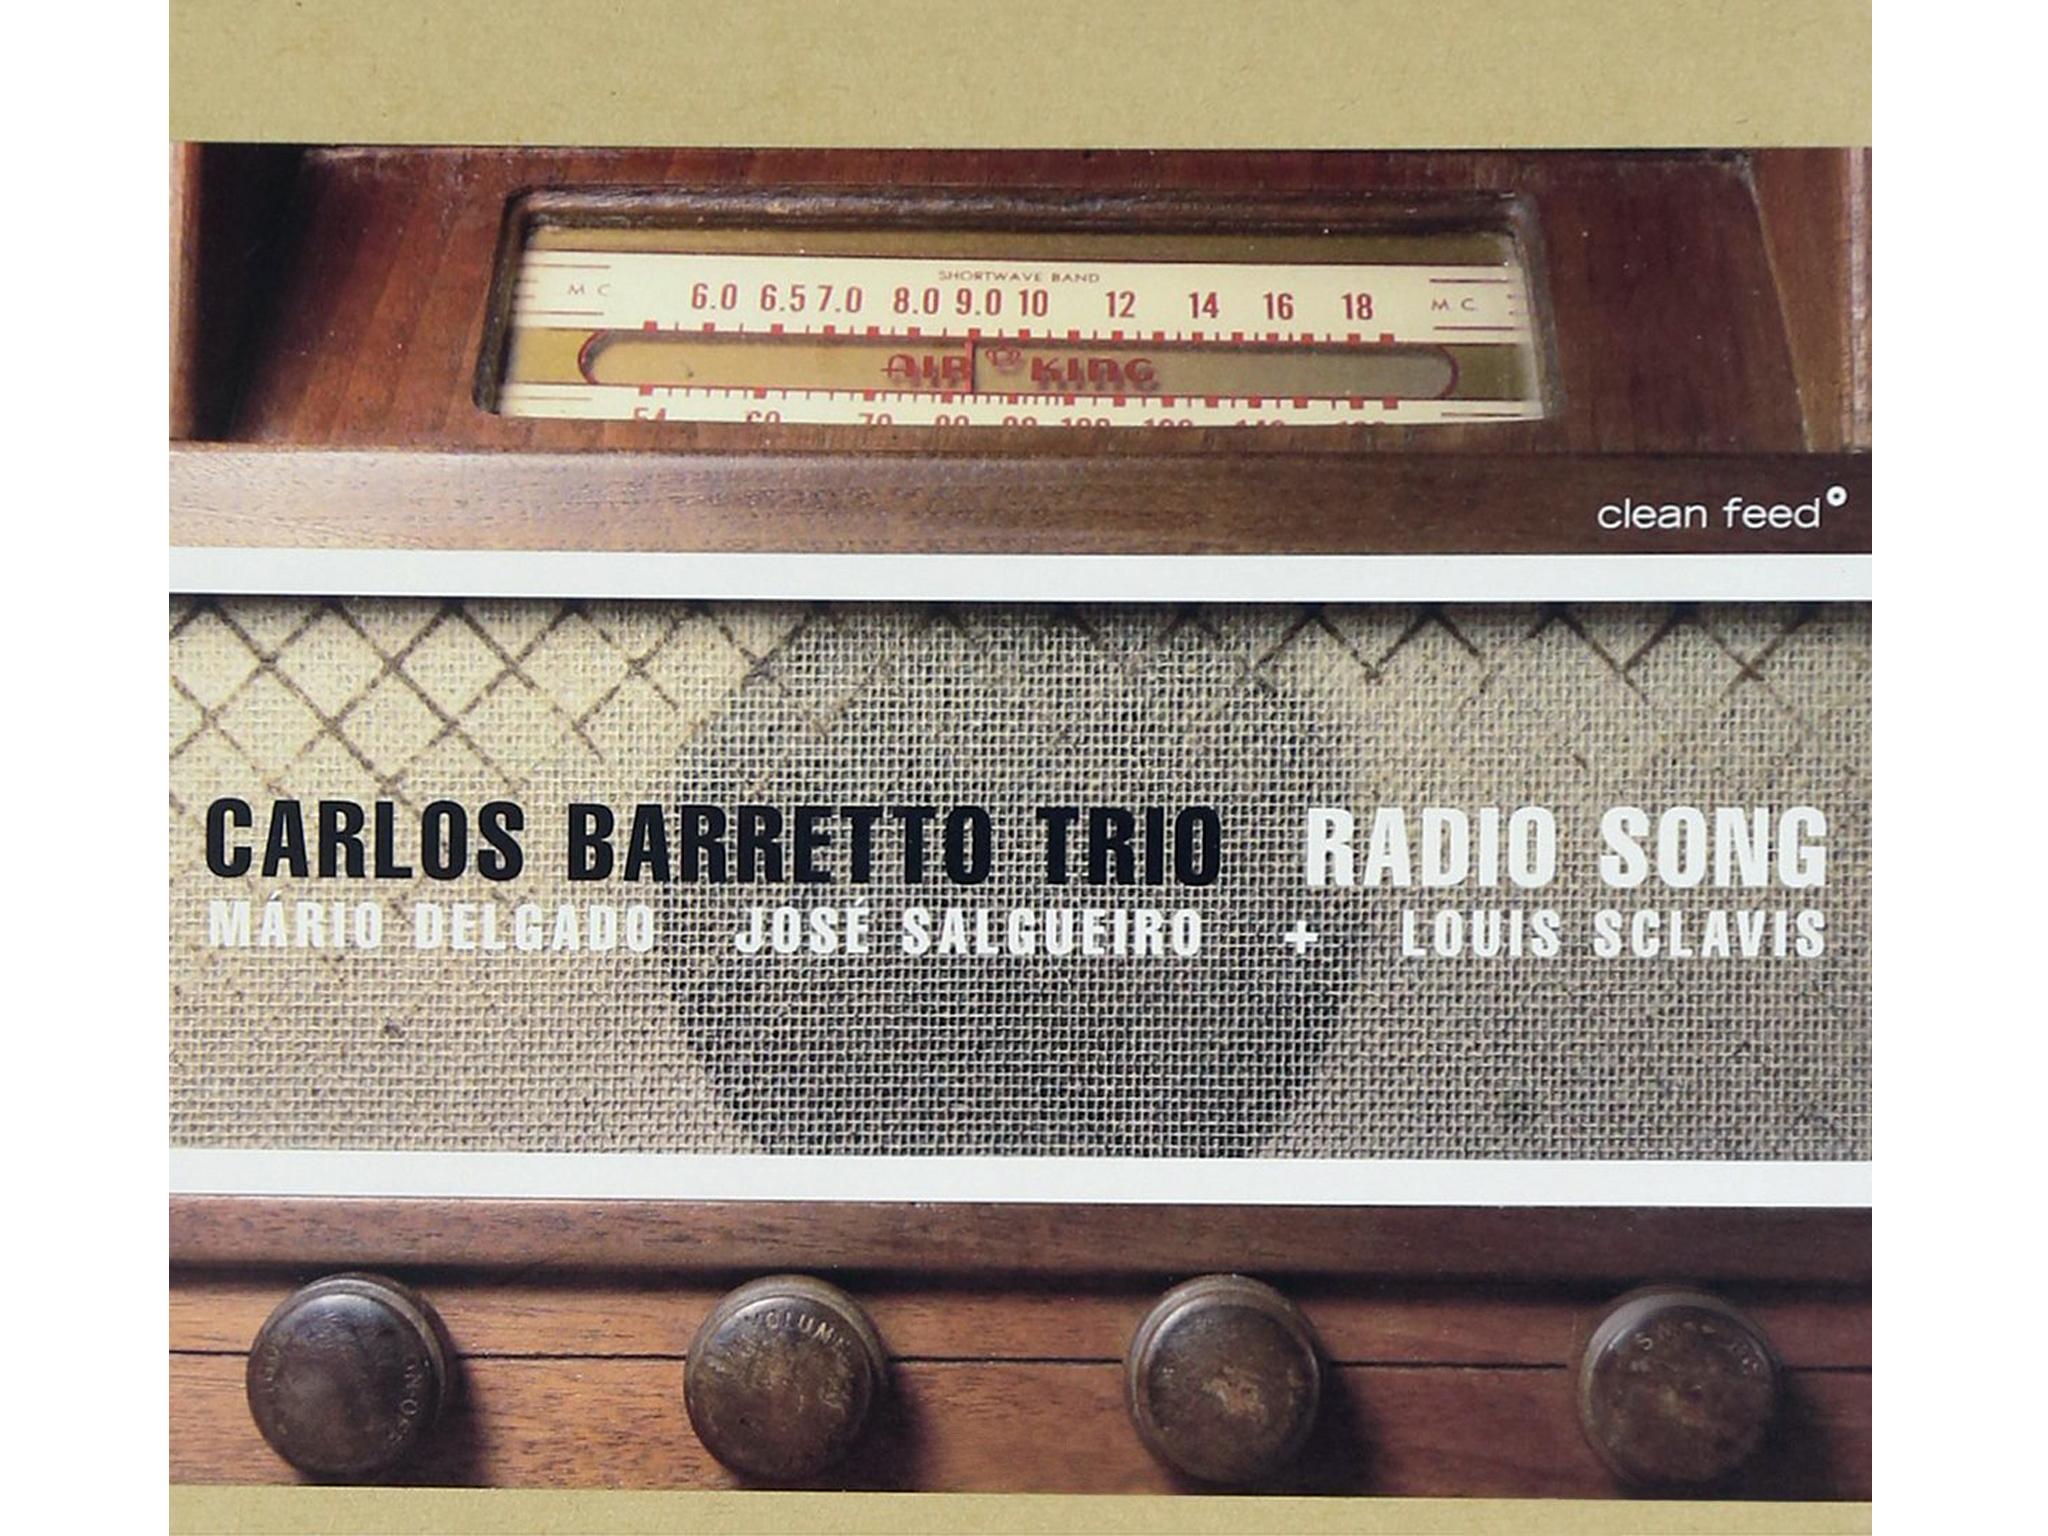 Carlos Barreto Trio - Radio Song